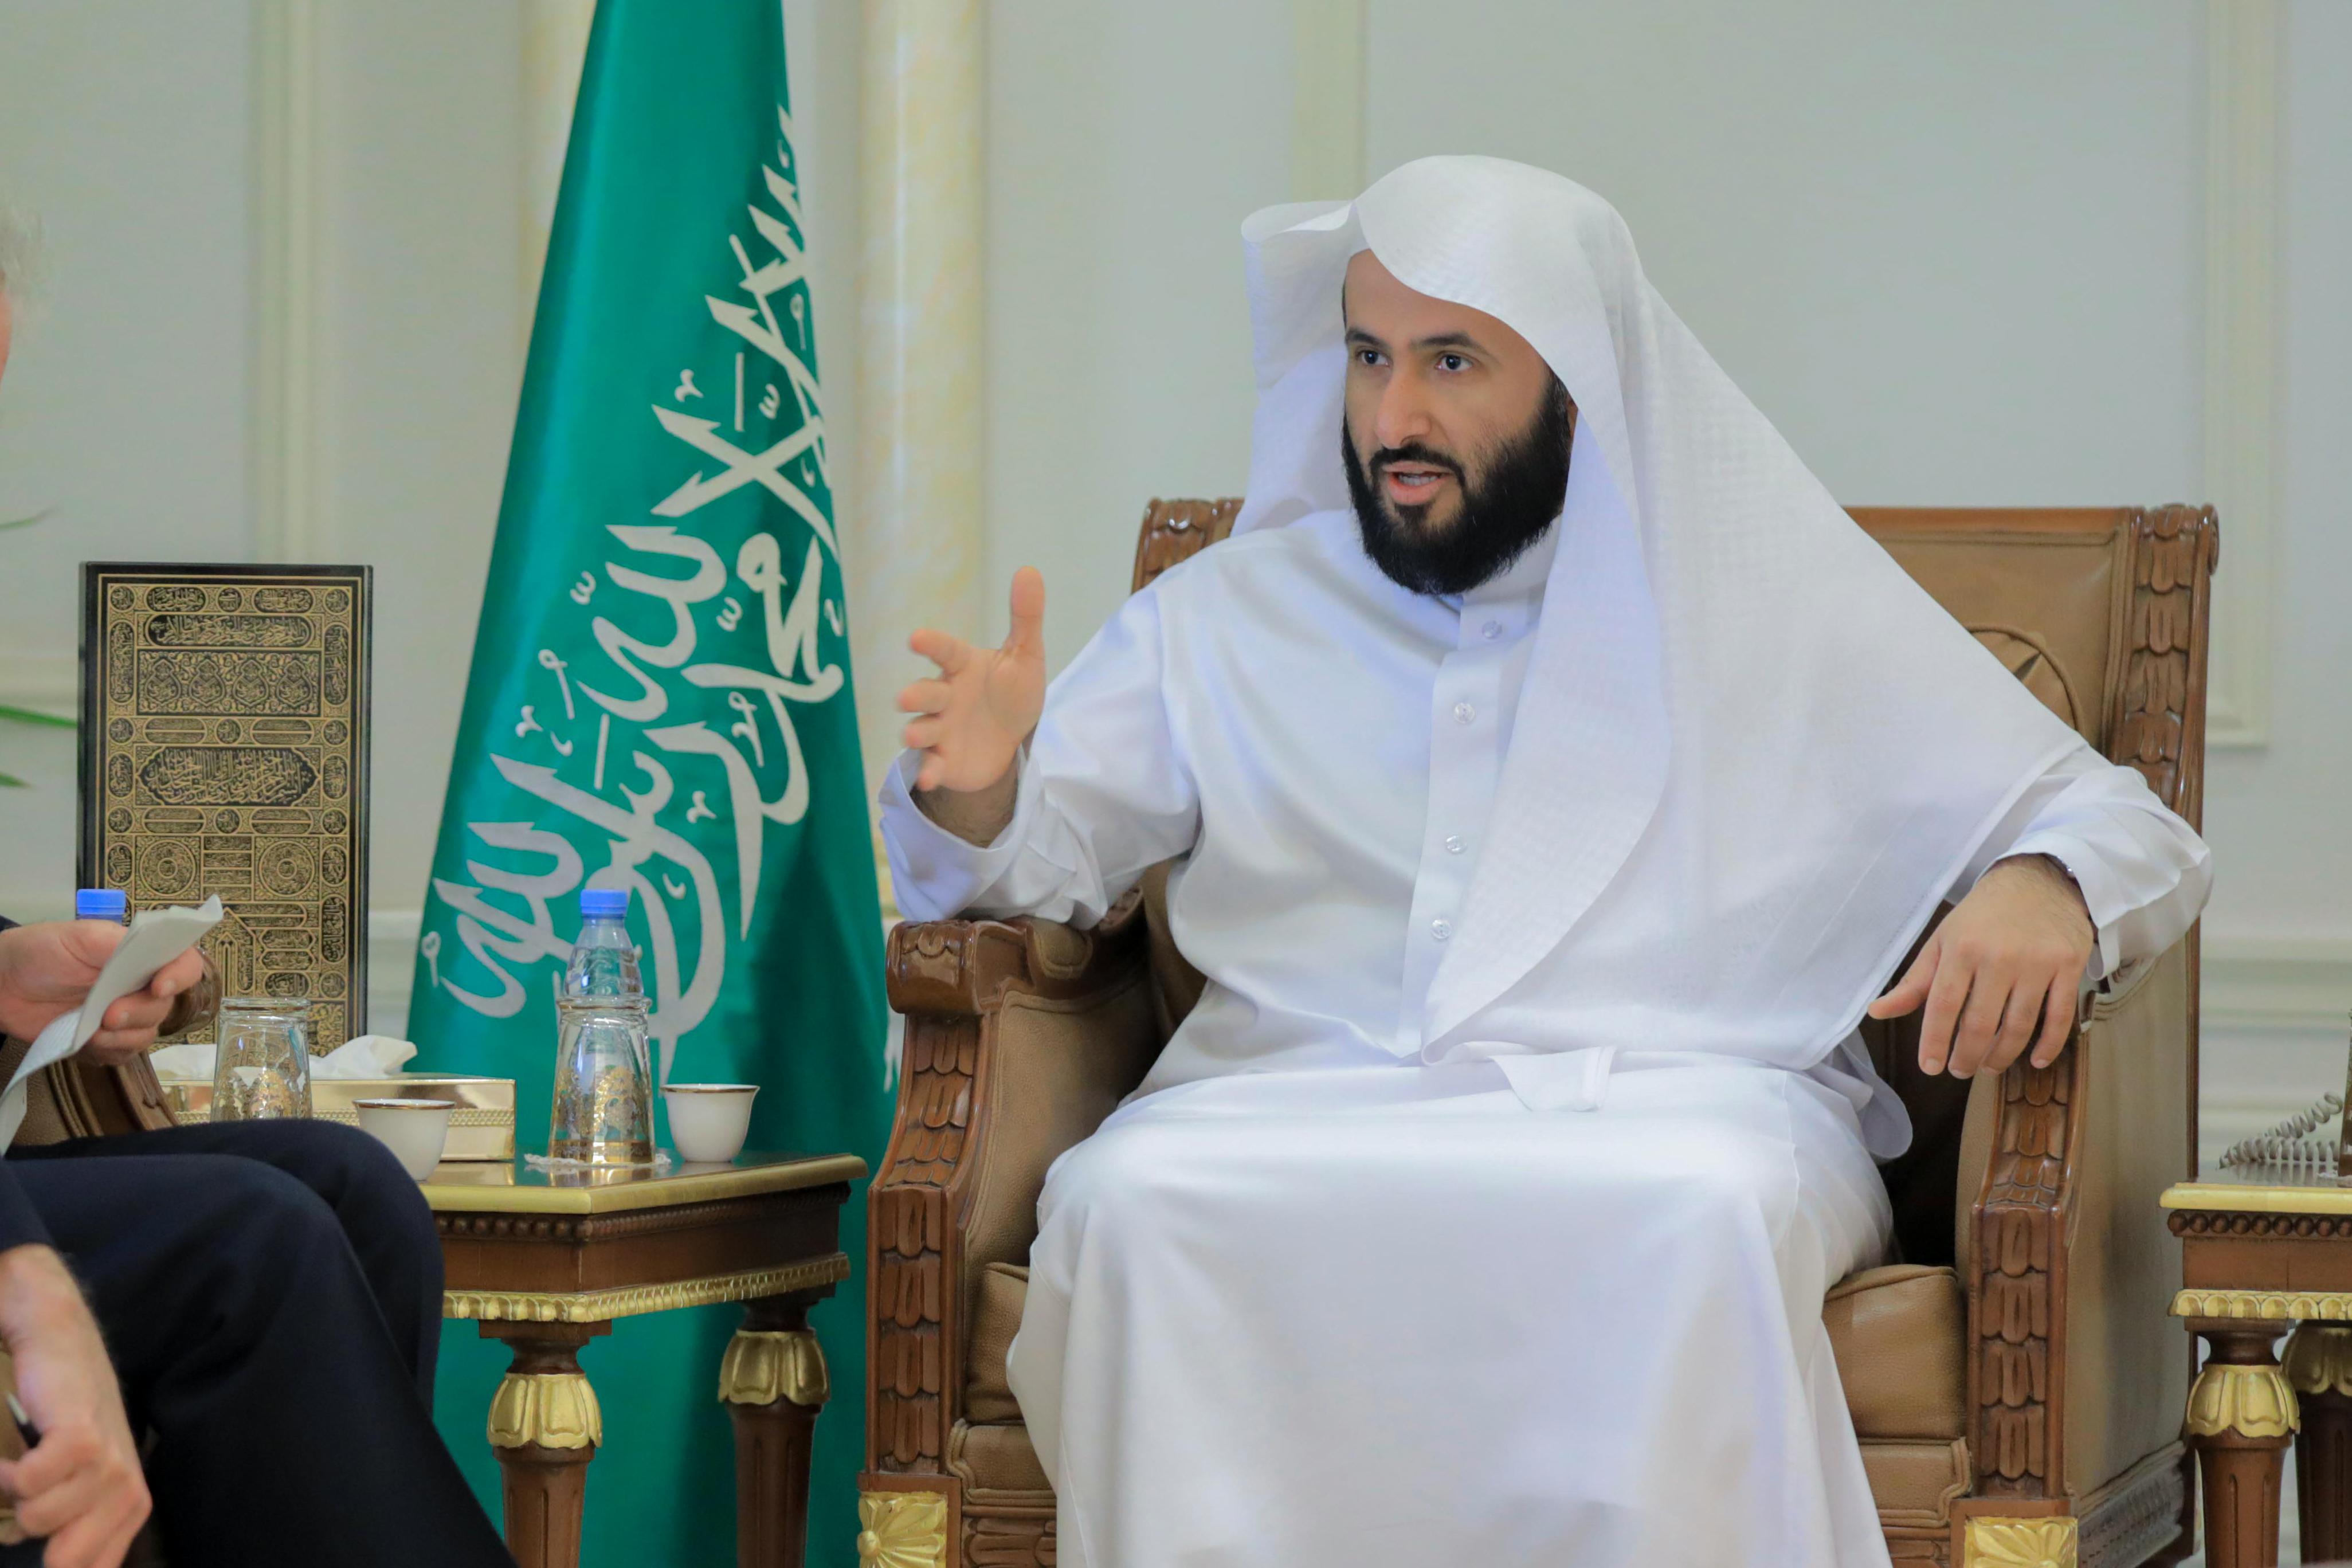 معالي وزير العدل الشيخ الدكتور وليد بن محمد الصمعاني (2)